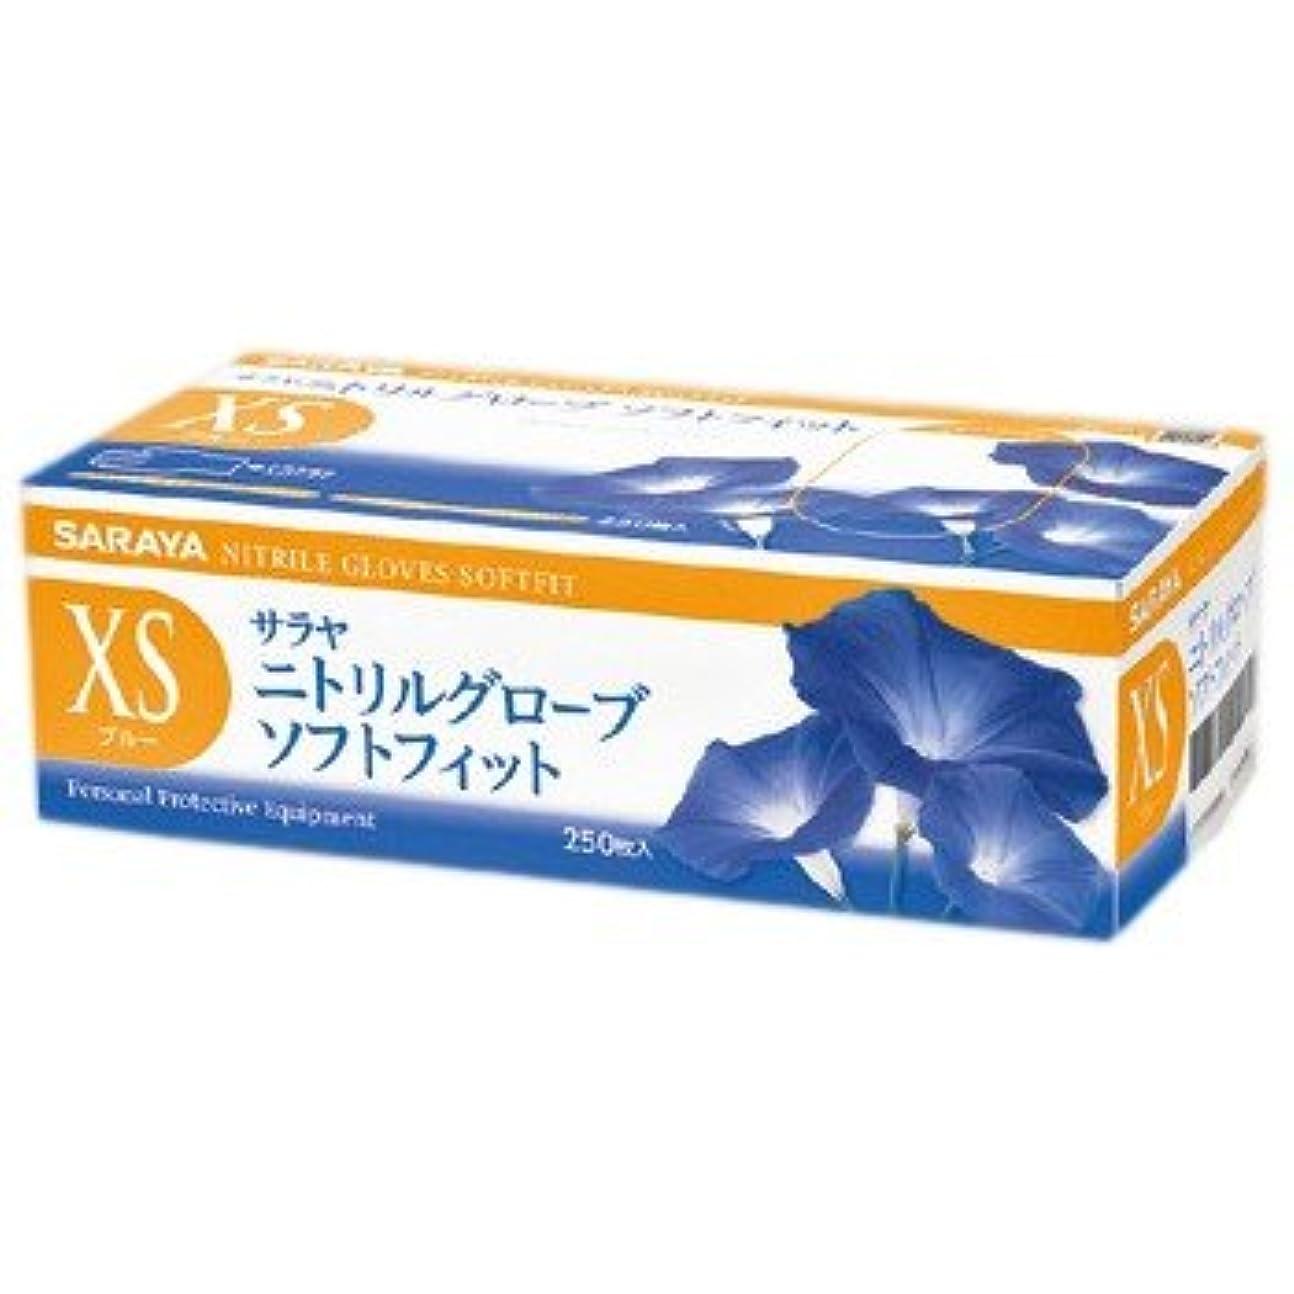 脚本散文輸送サラヤ ニトリルグローブ ソフトフィット パウダーフリー ブルー XS 250枚×10箱入